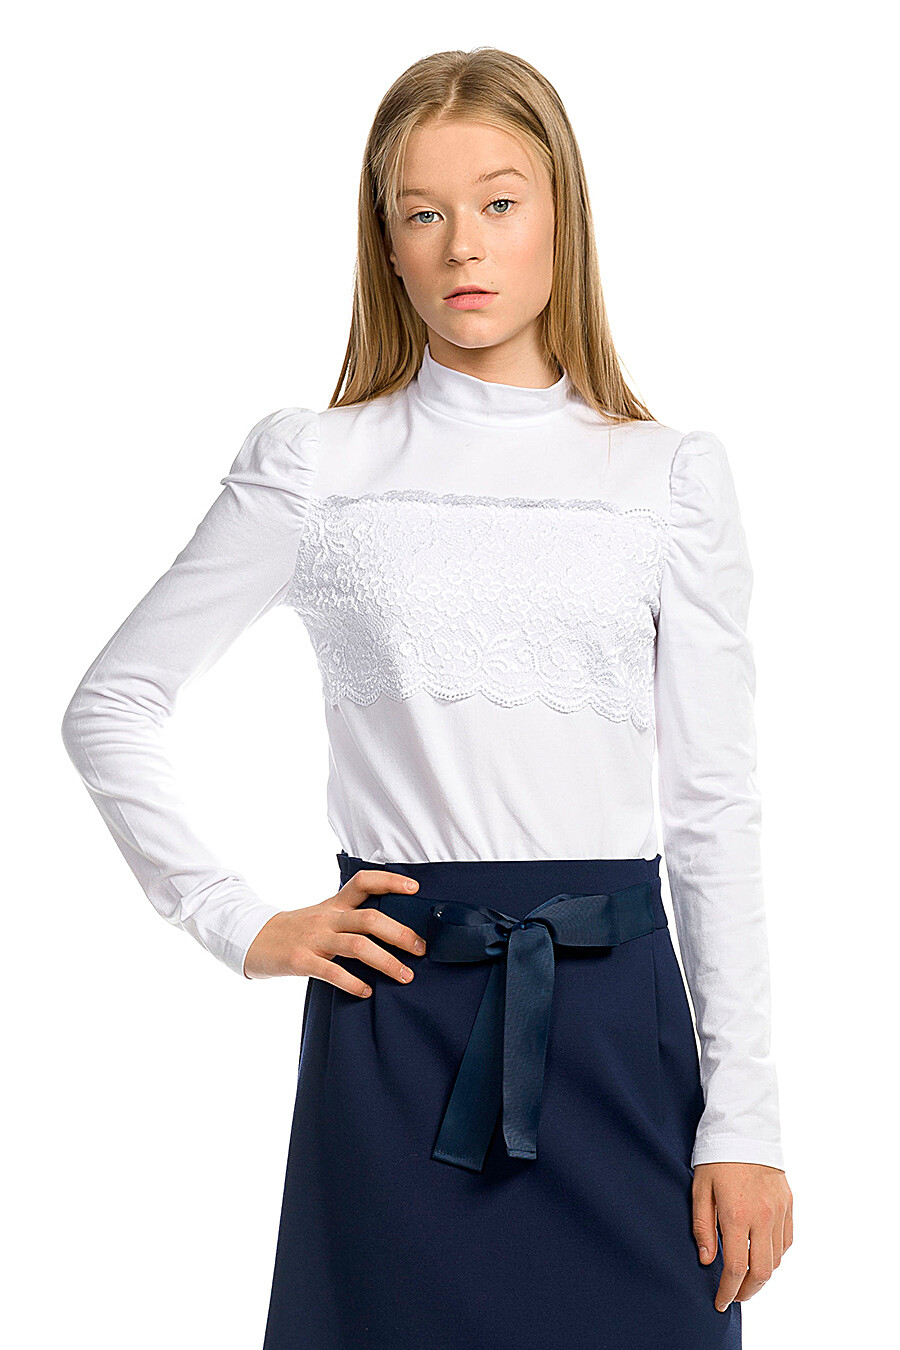 Водолазка для девочек PELICAN 218592 купить оптом от производителя. Совместная покупка детской одежды в OptMoyo